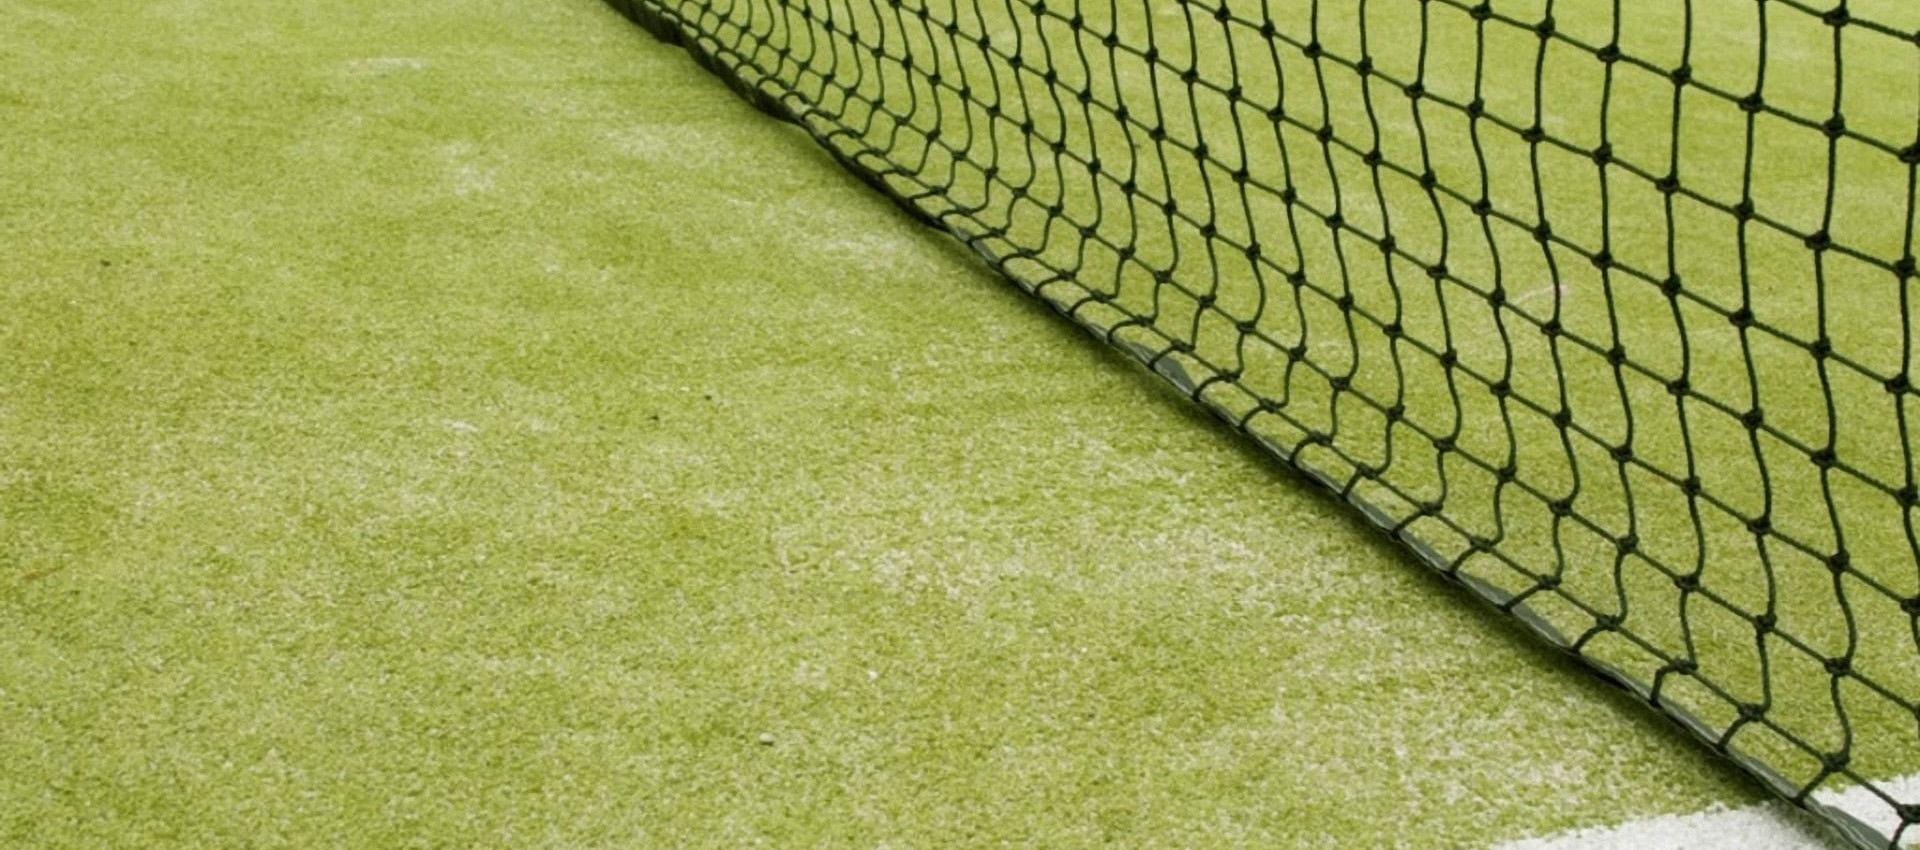 Tennis landing